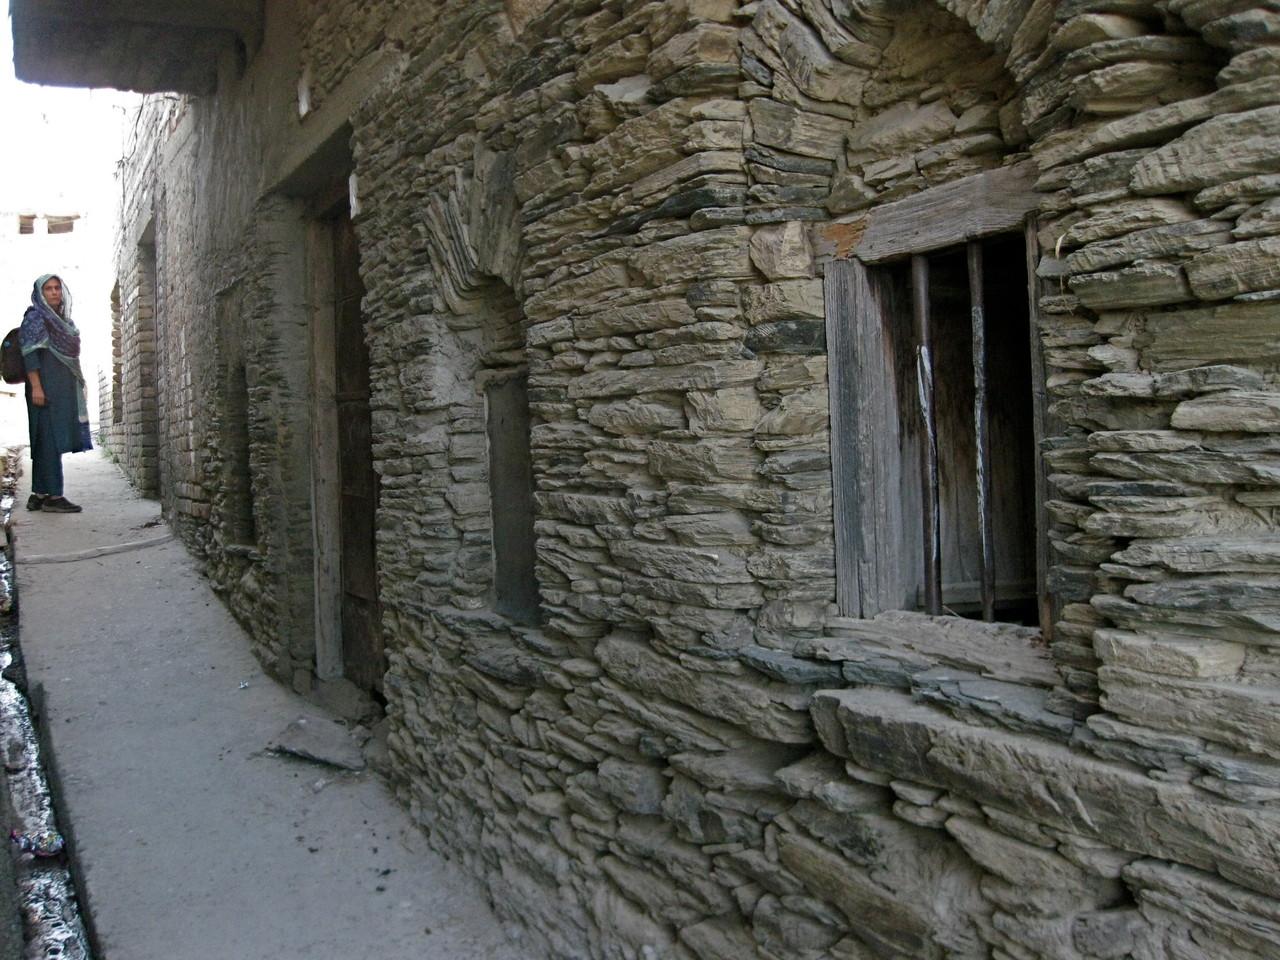 この辺りの村は伝統的に石の文化。古い家は石で造られている。